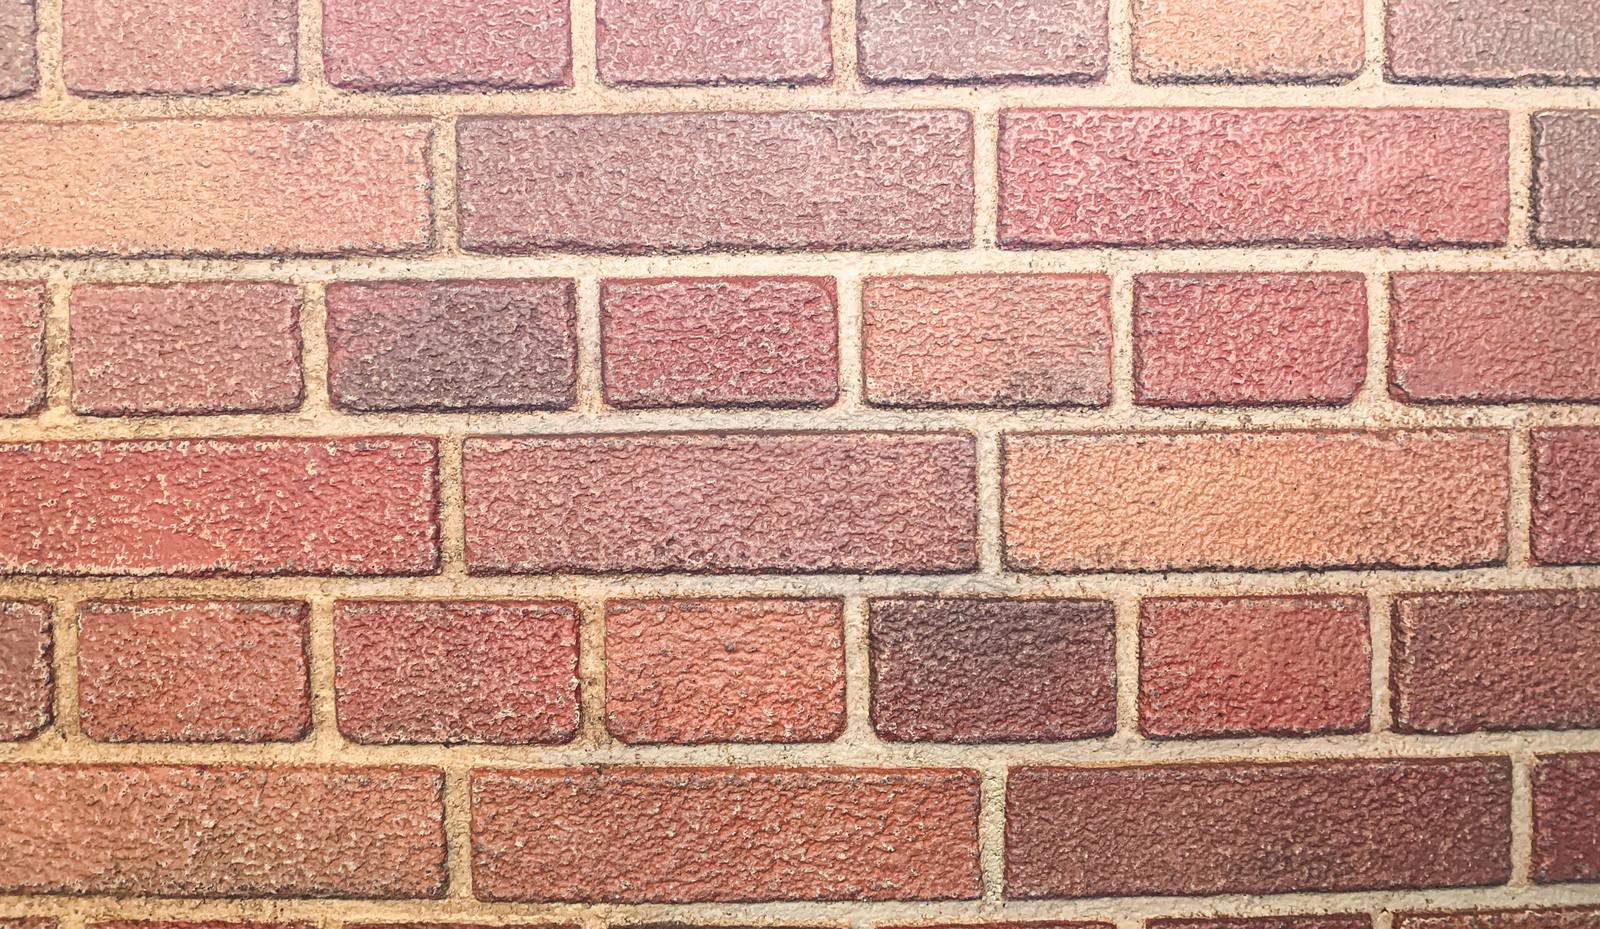 「形の違うレンガの壁」の写真